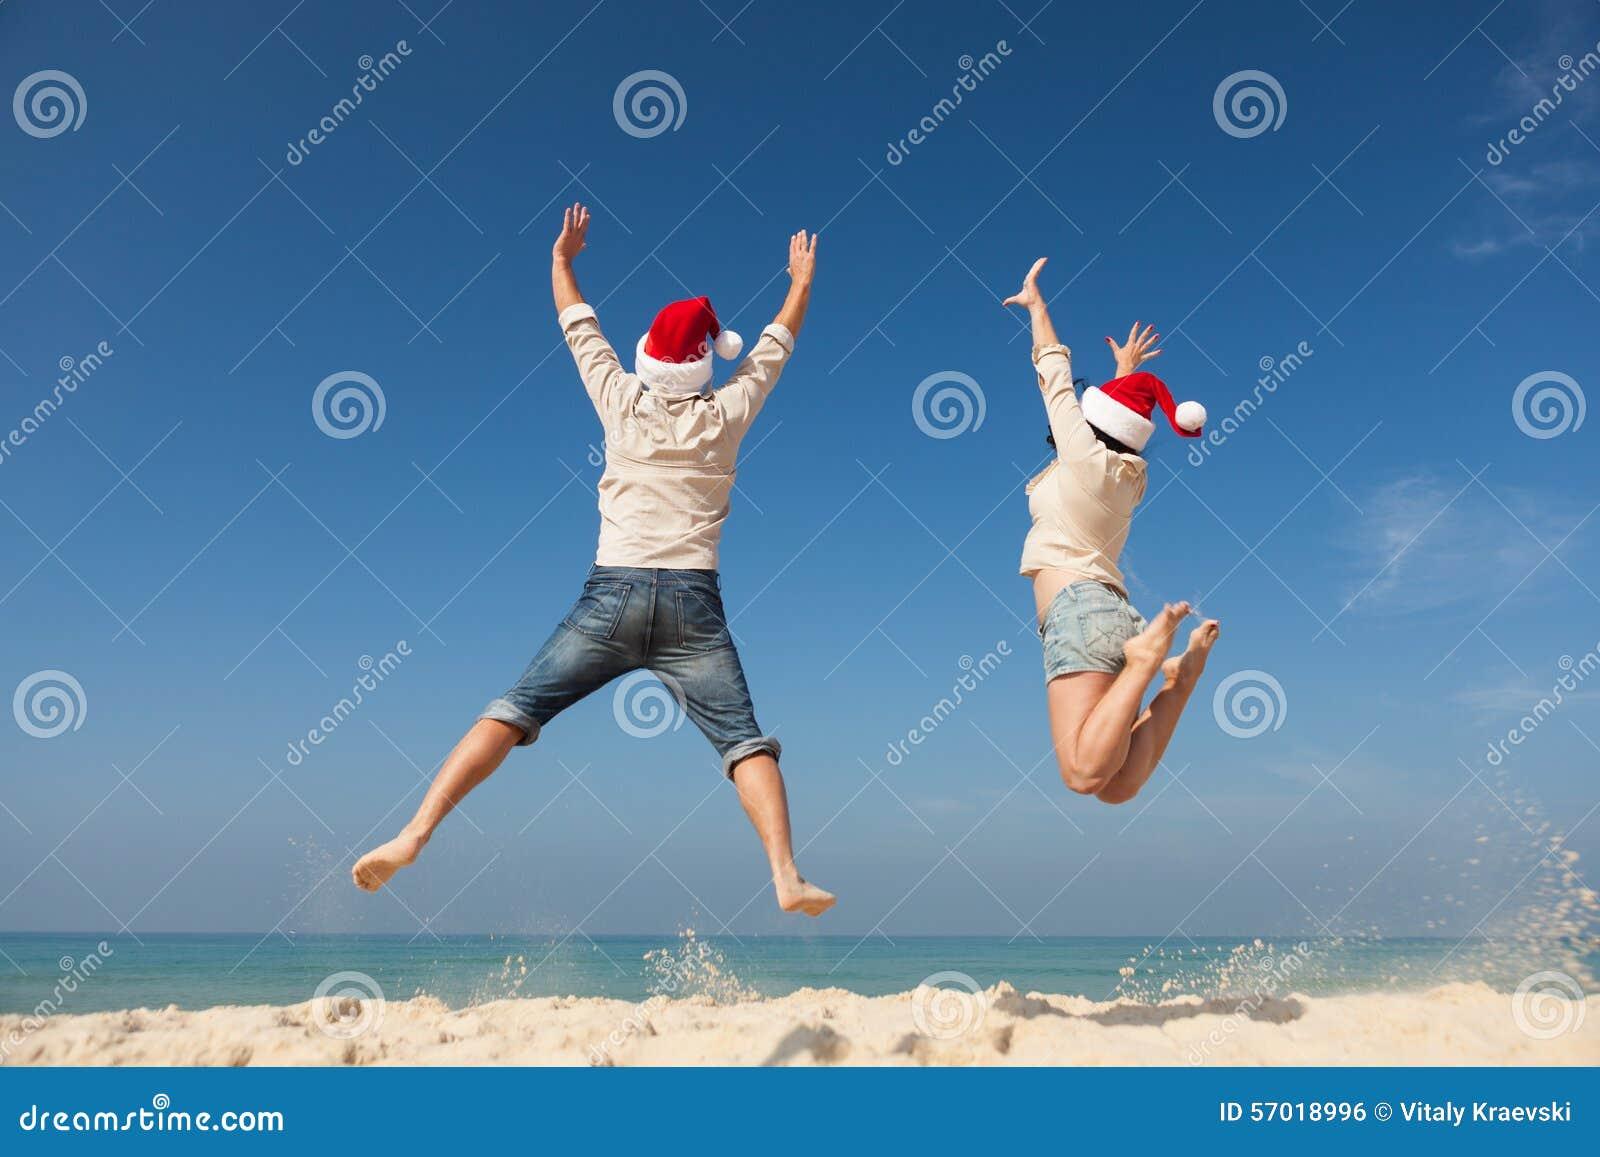 Christmas couple jumping